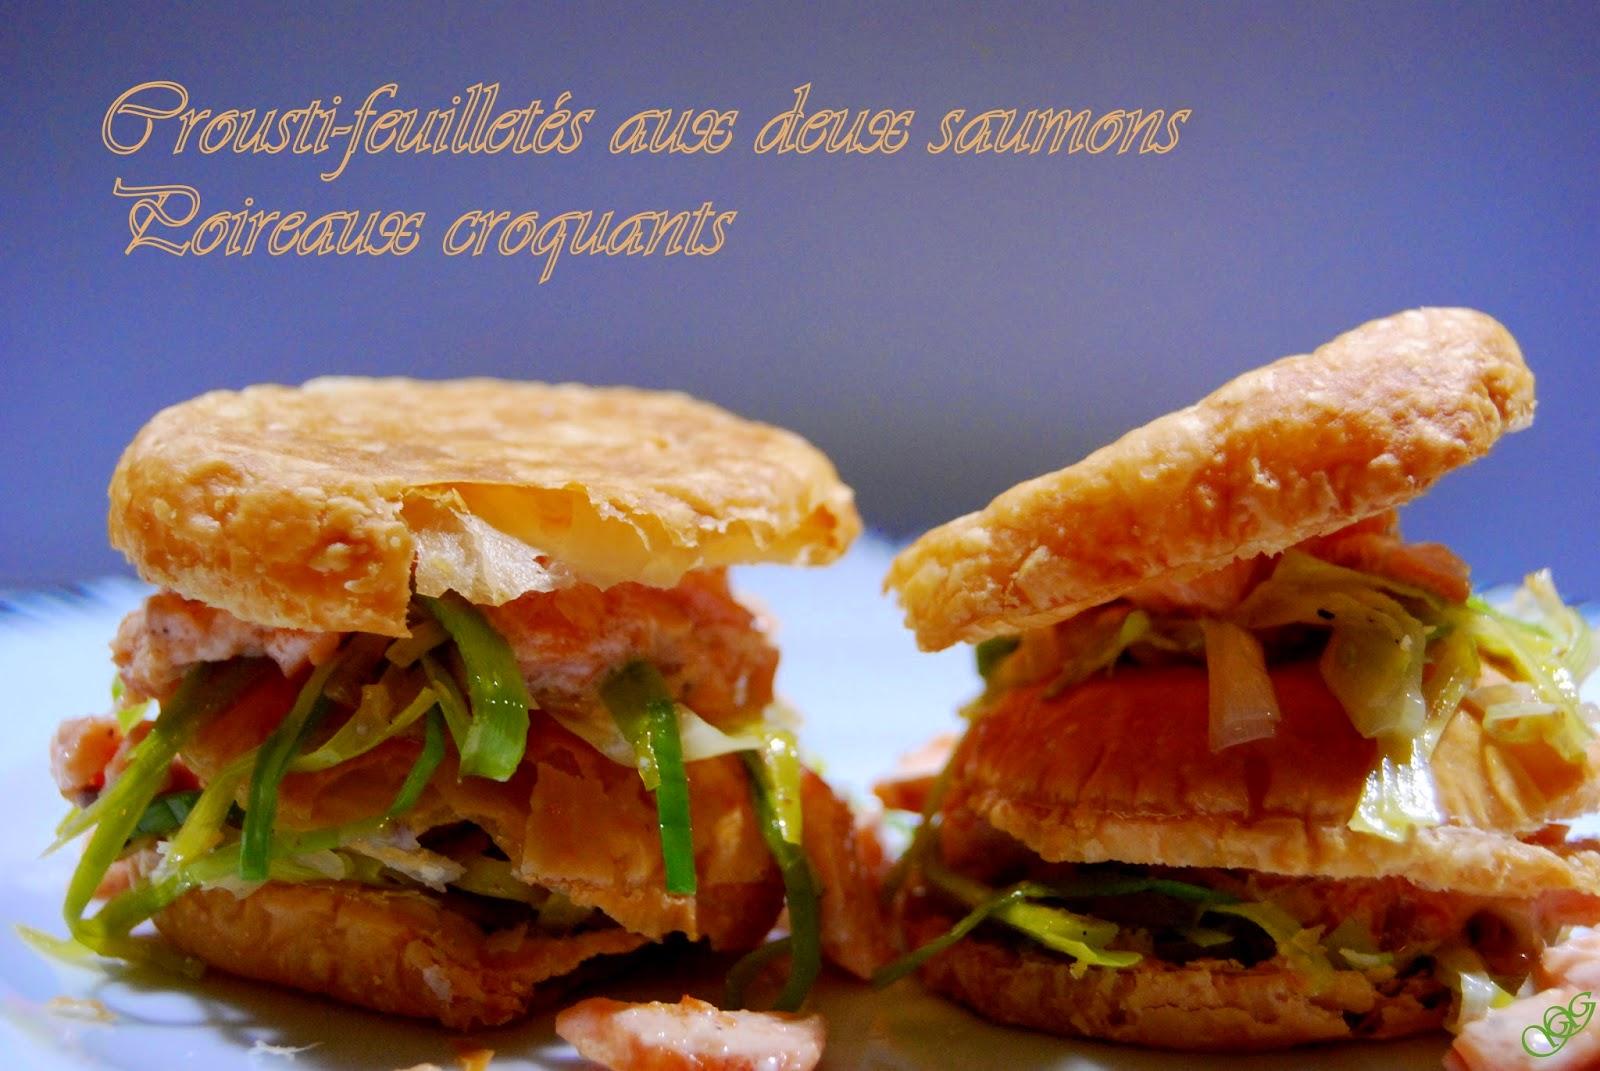 Crousti-feuilletés aux deux saumons